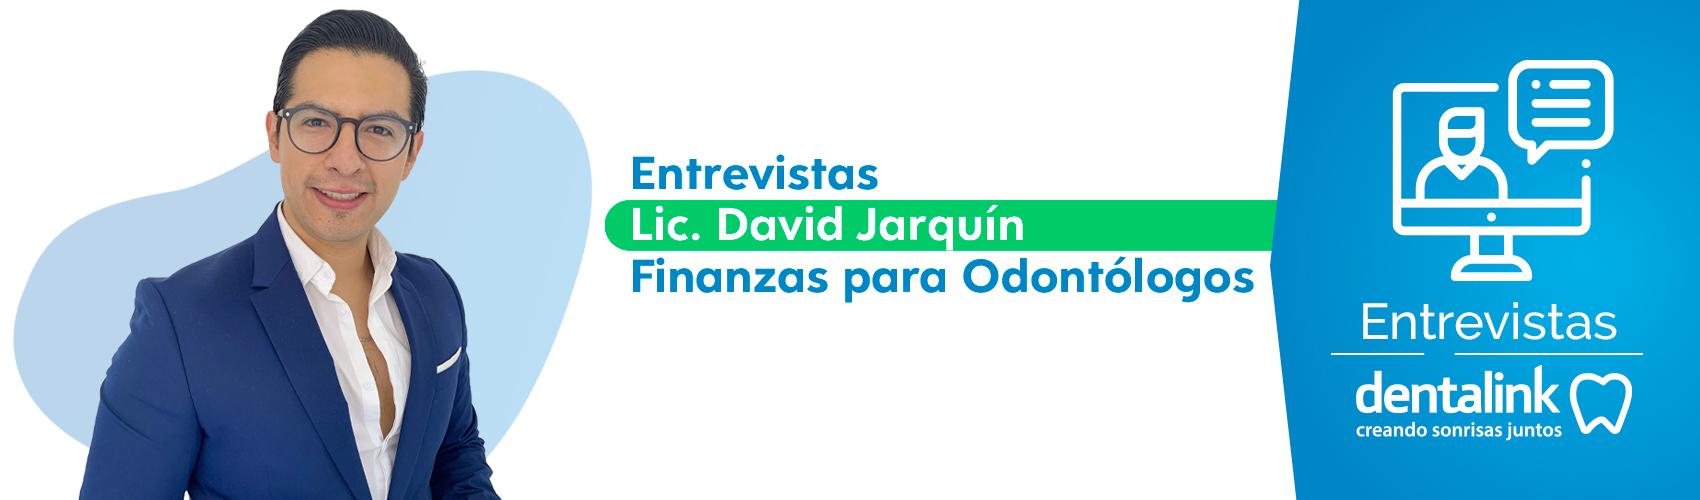 Entrevista finanzas para odontólogos - David Jarquin